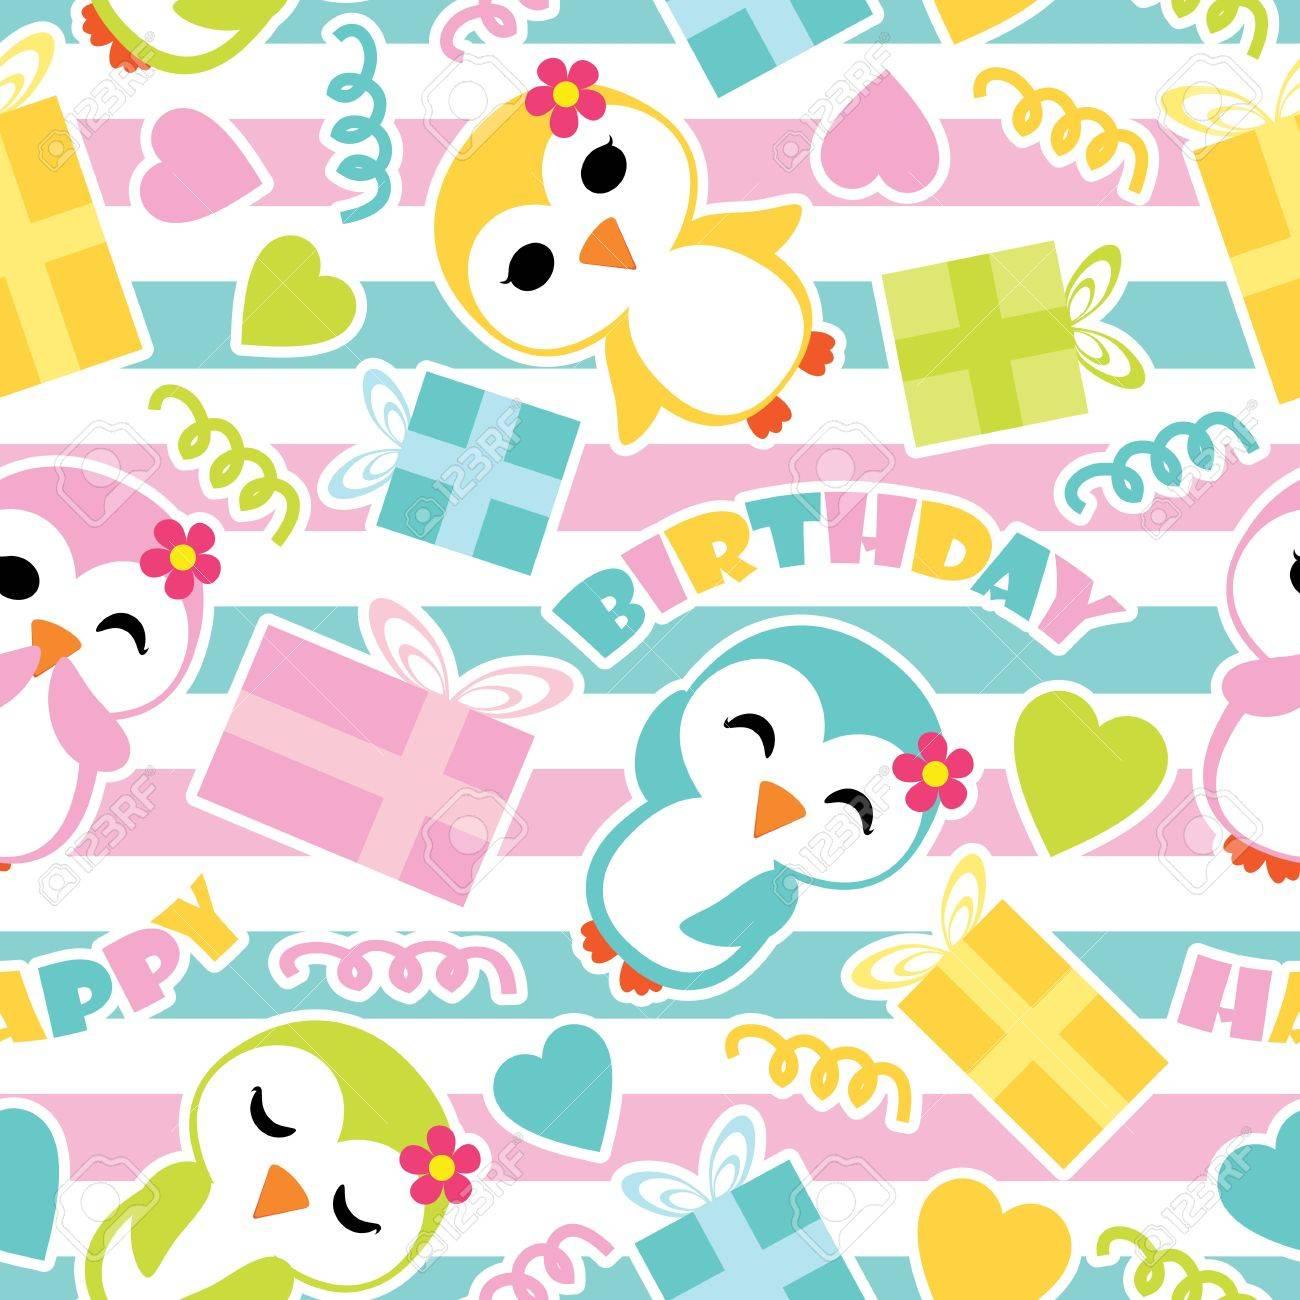 かわいいペンギンの女の子や包装紙 布の服 壁紙の誕生日に縞模様の